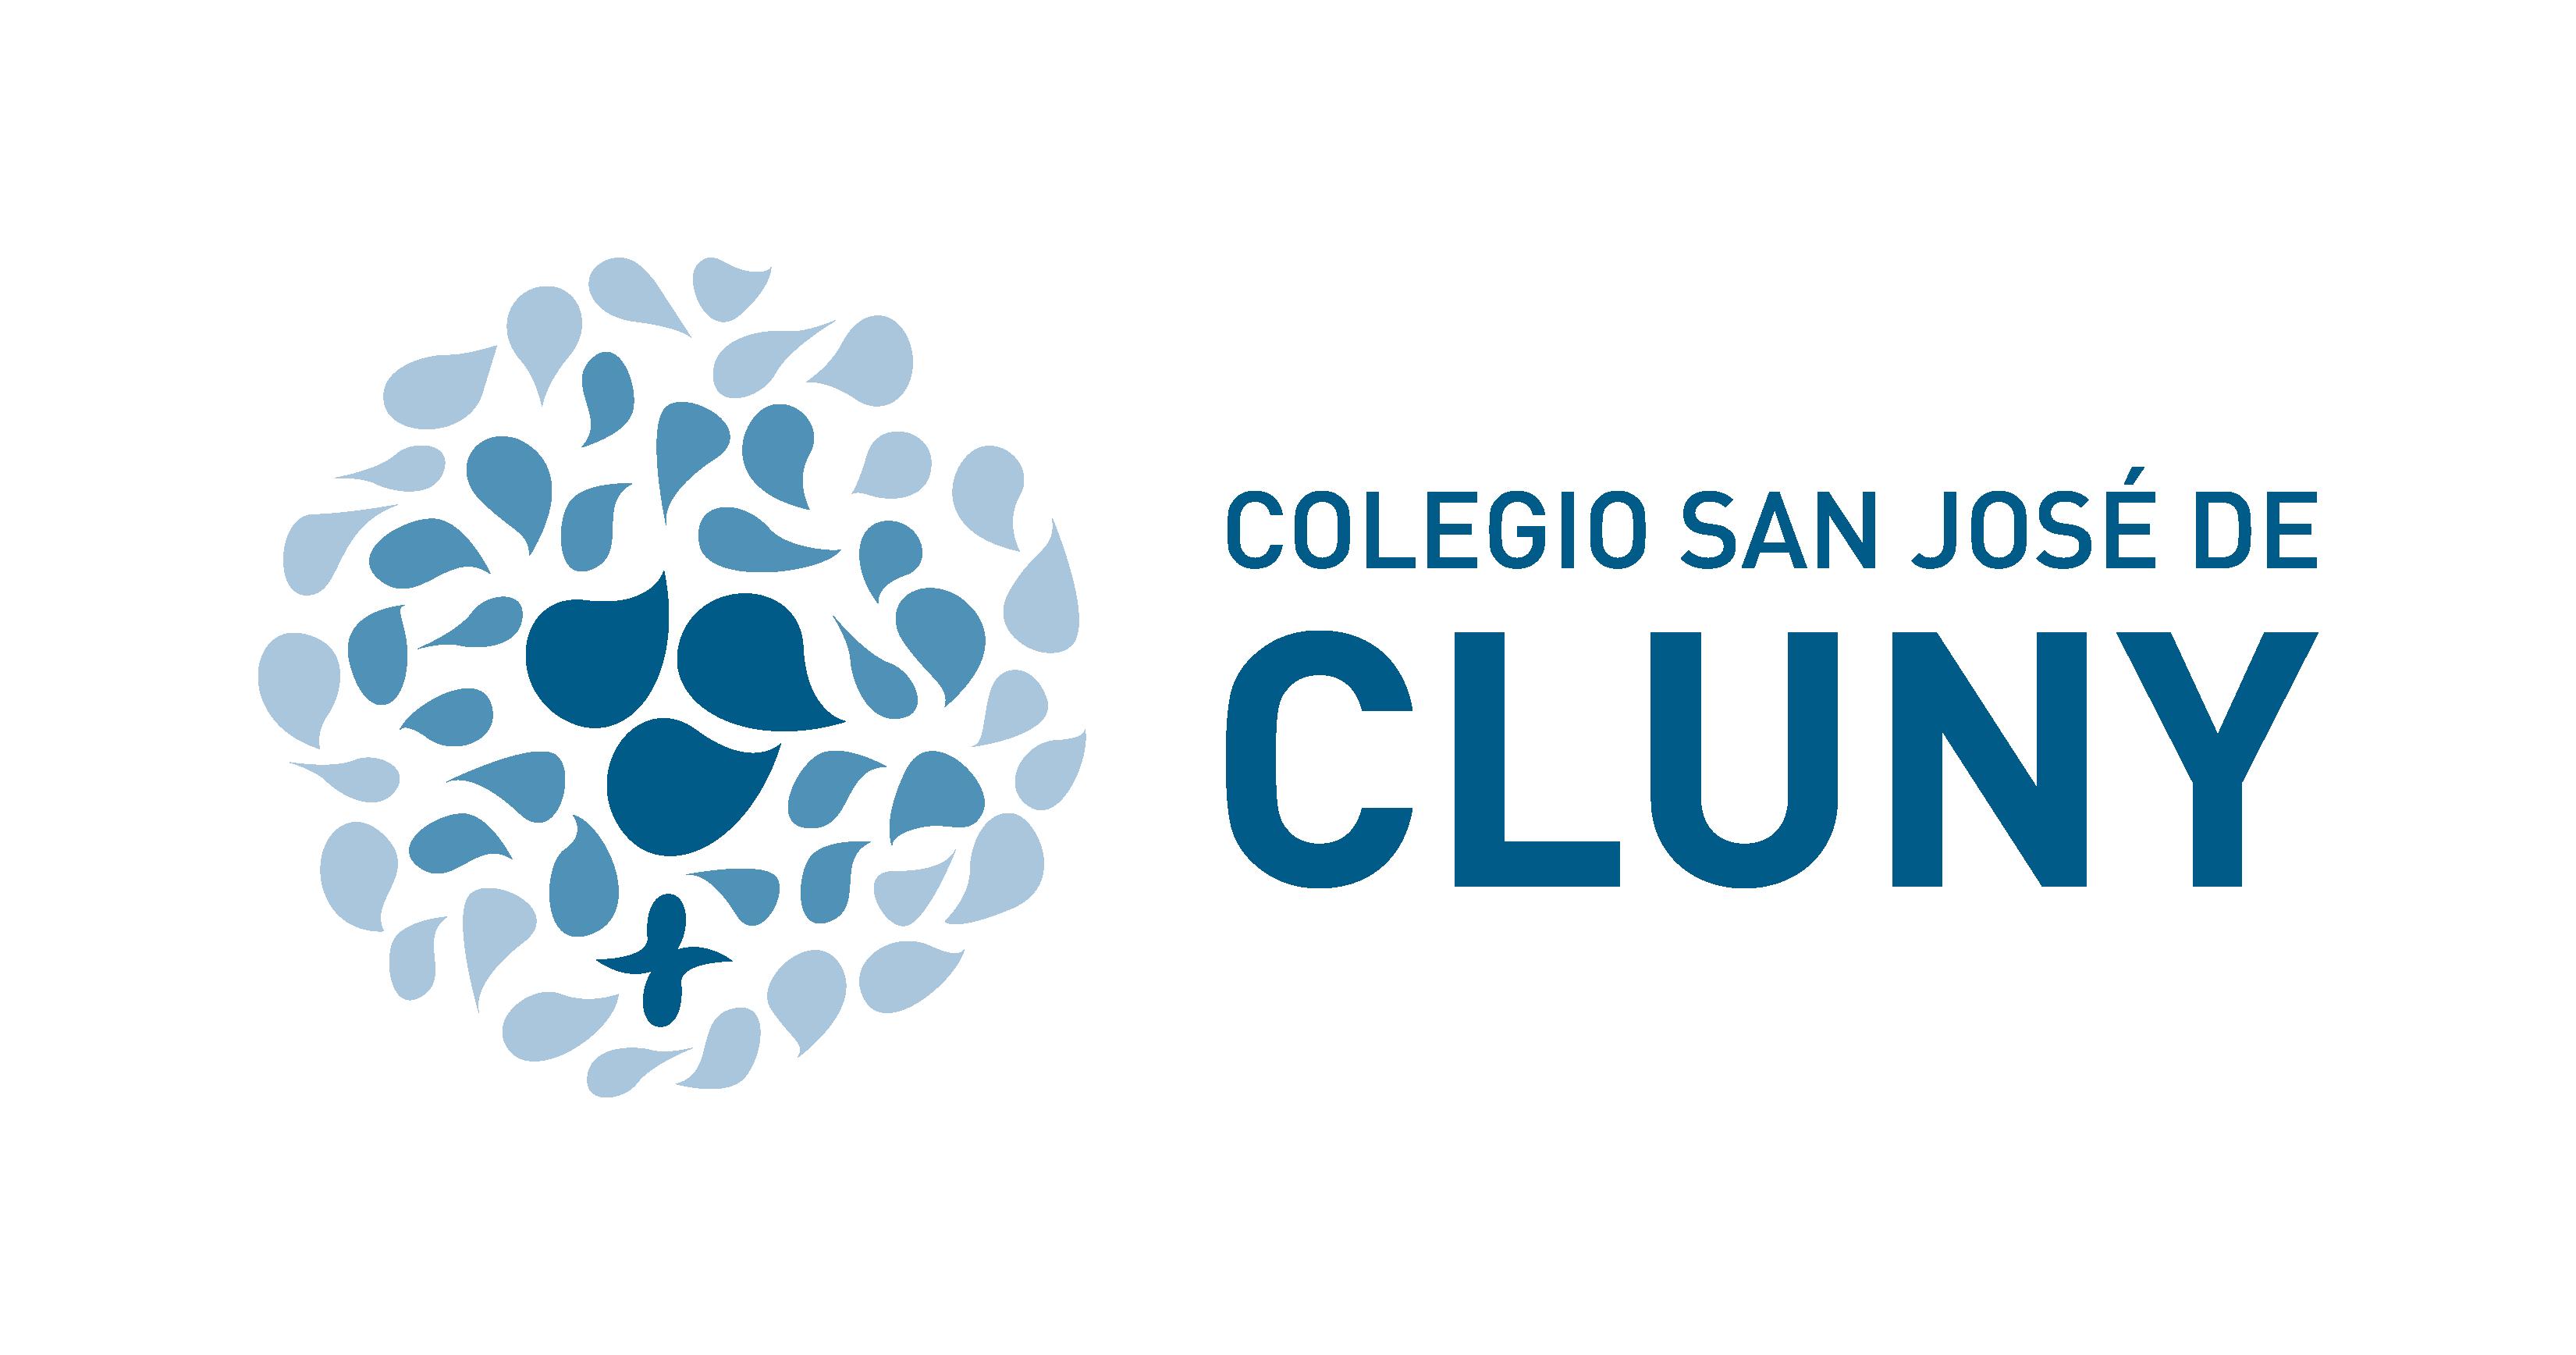 logo_SanJoseCluny_villaamil